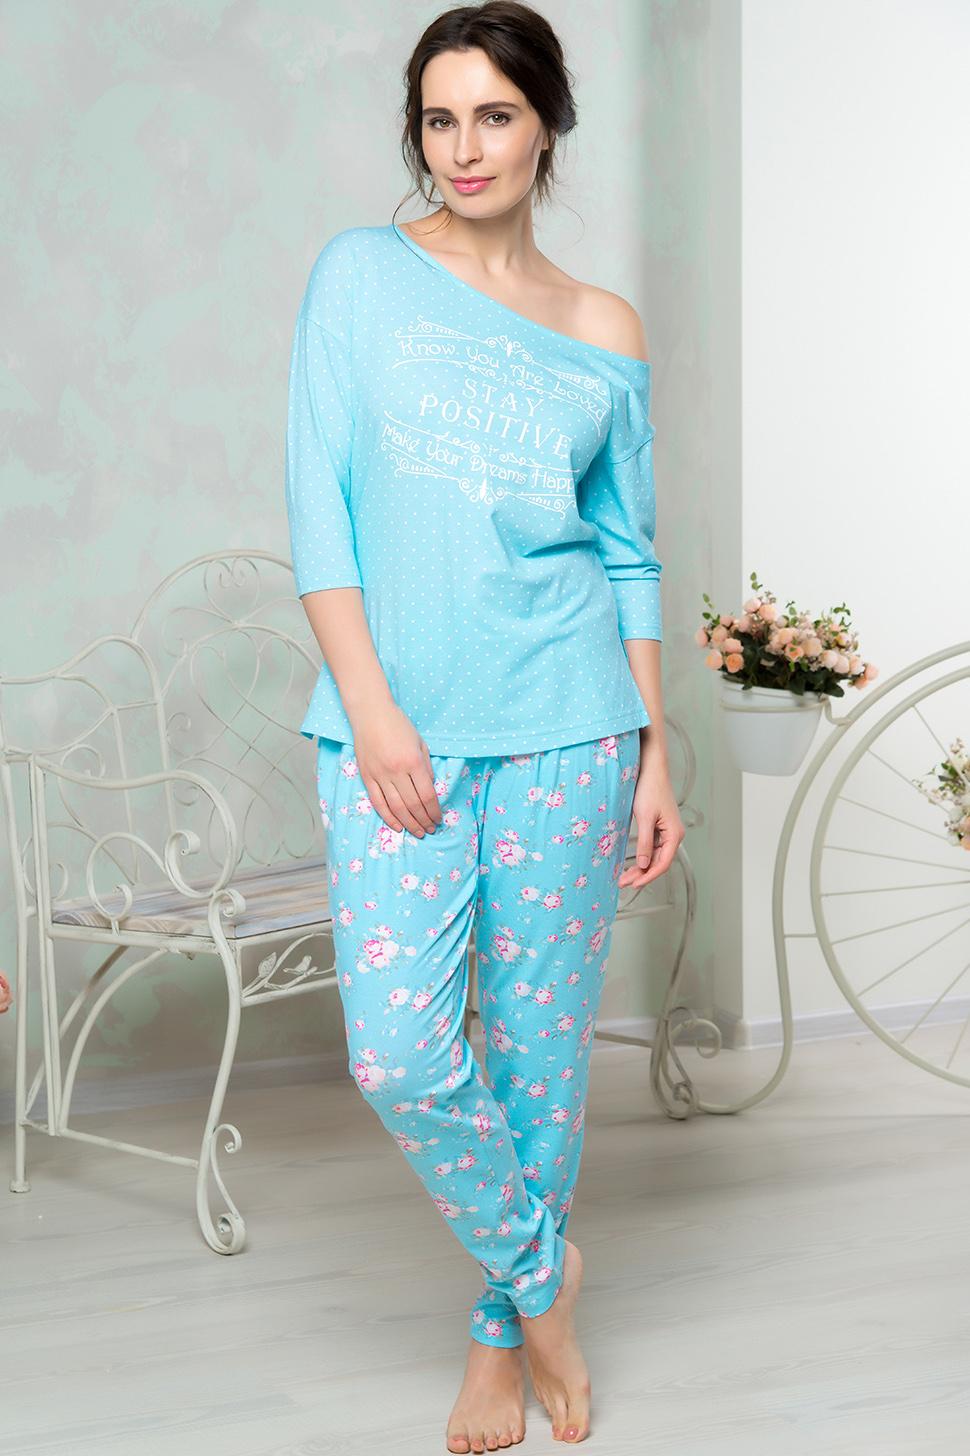 Костюмы для дома и отдыха Mia Cara Костюм для дома Kerensa Цвет: Голубой (xxL) пижама женская футболка шорты mia cara portugal цвет розовый голубой aw16 mc 813 размер 50 52